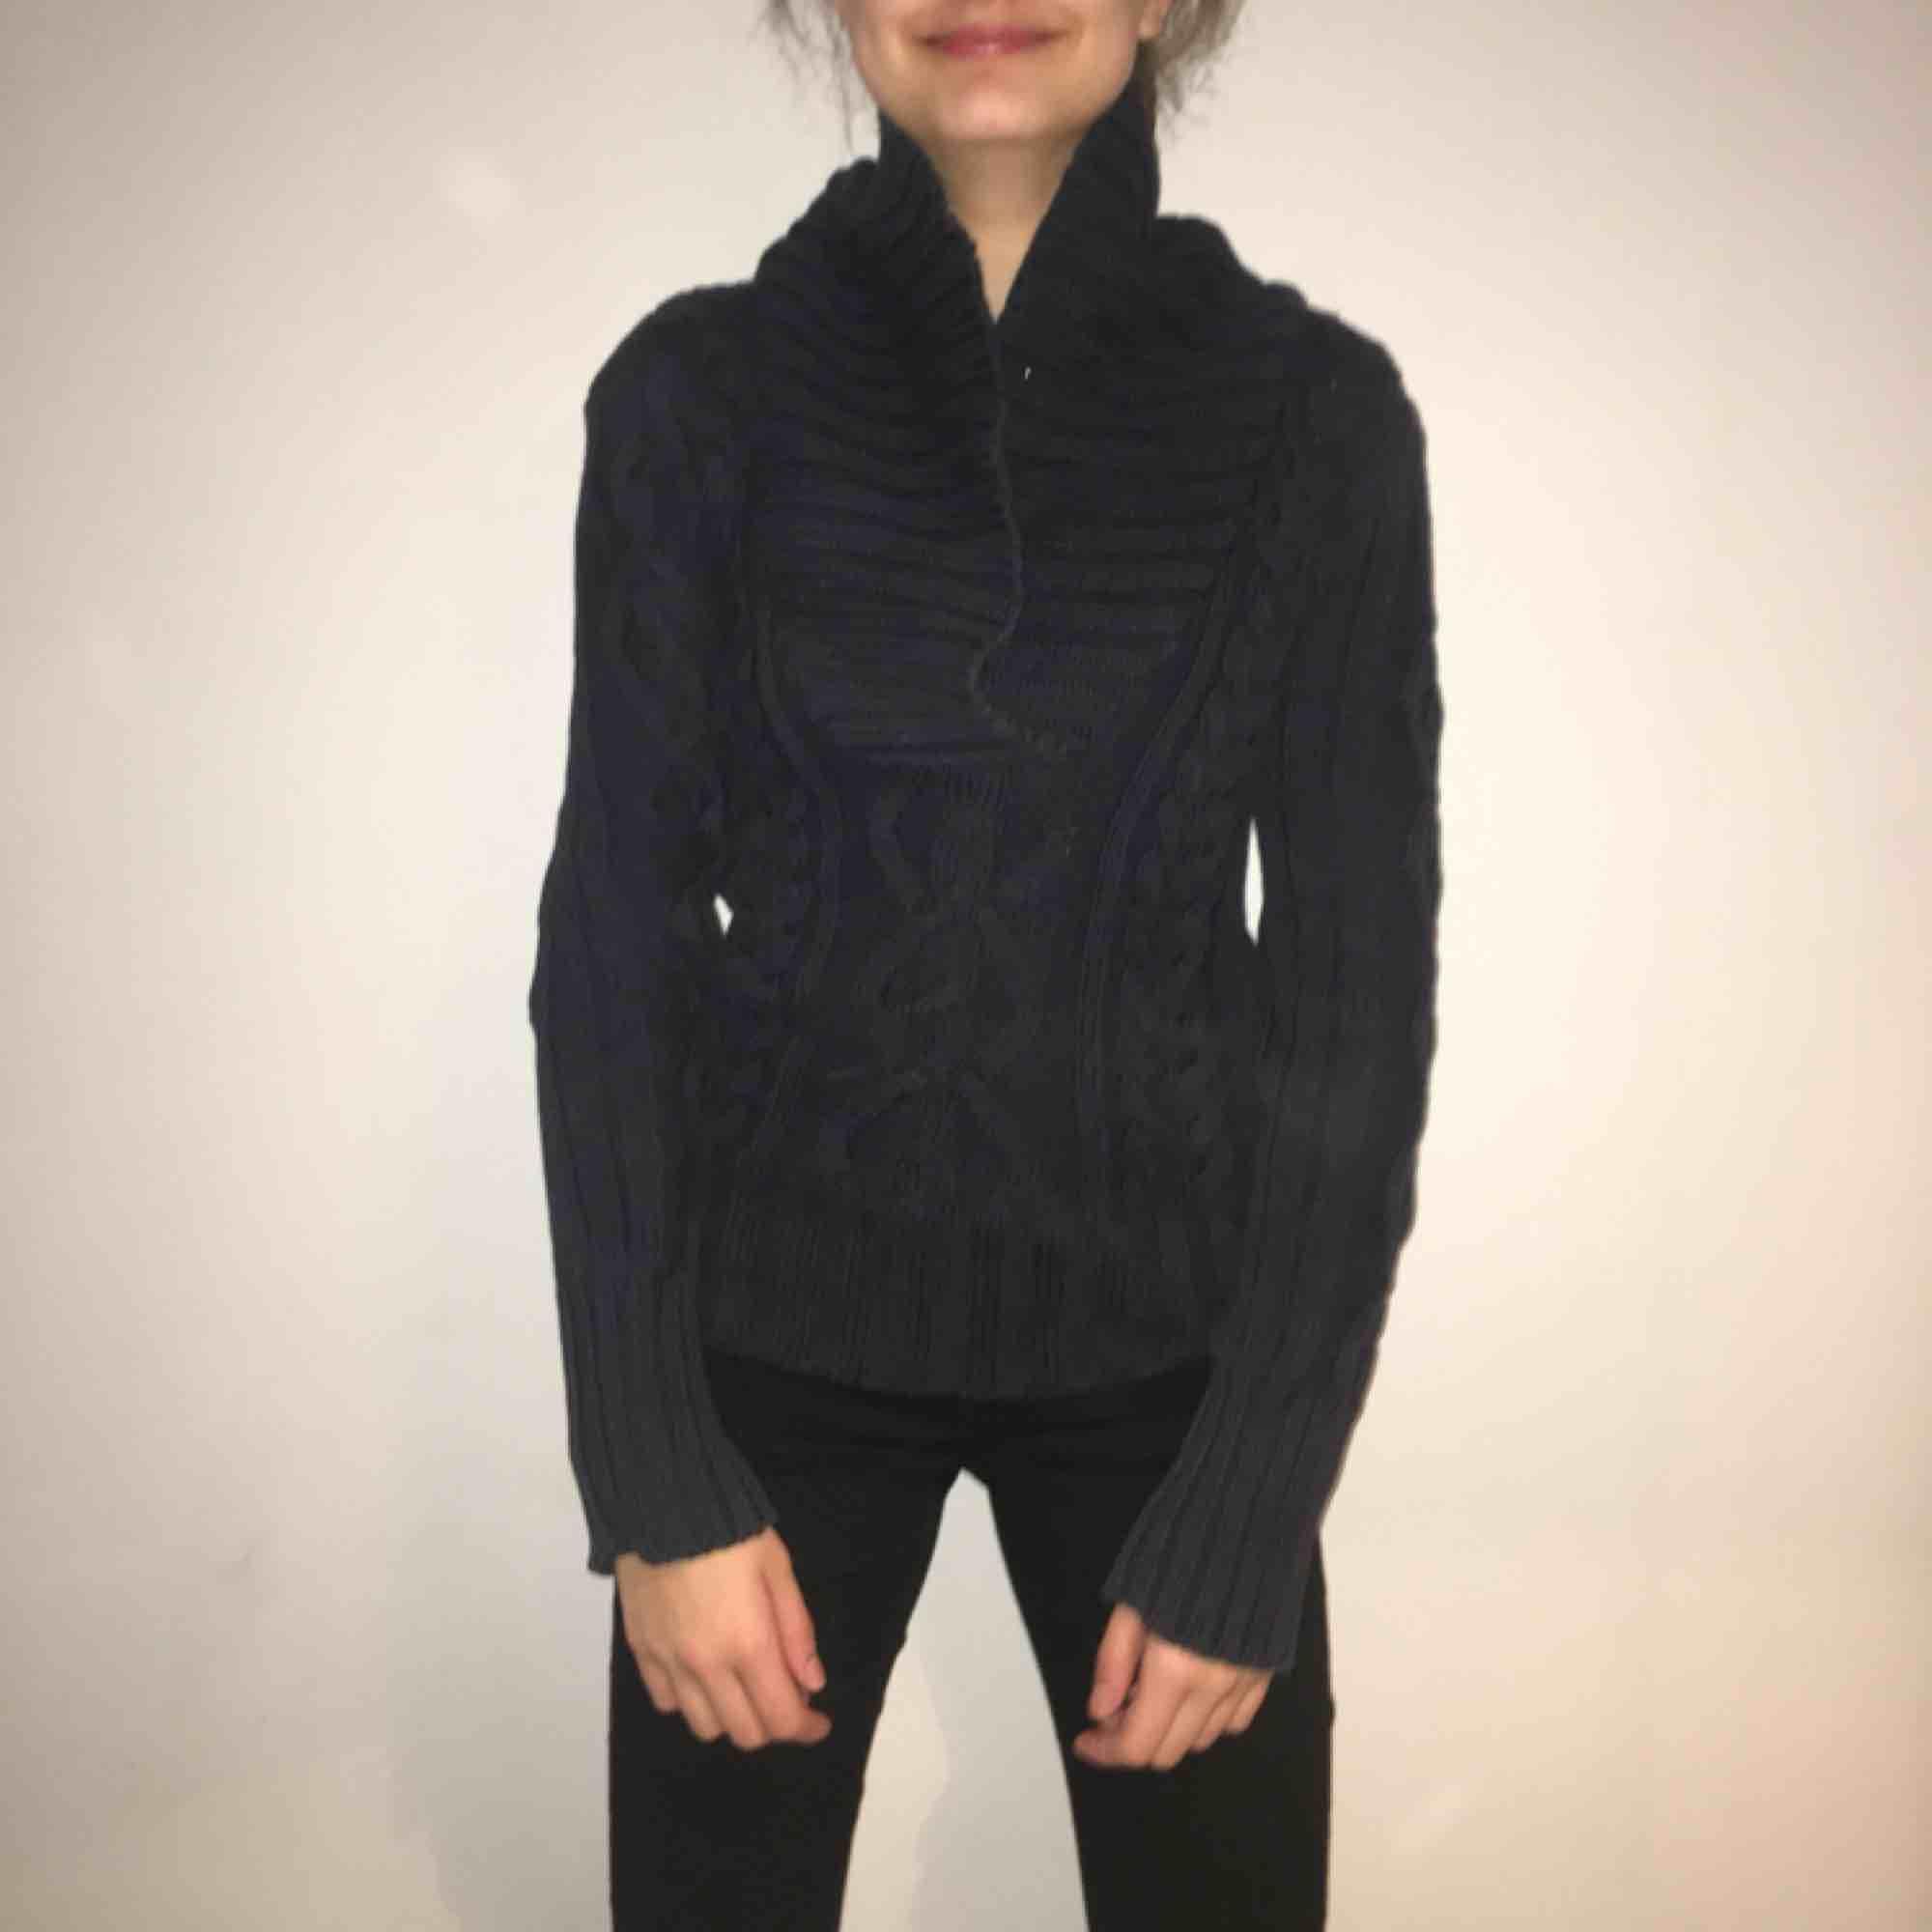 Mörkblå virkad tröja från H&M, sitter mysigt på och är varm. Knappt använd . Tröjor & Koftor.